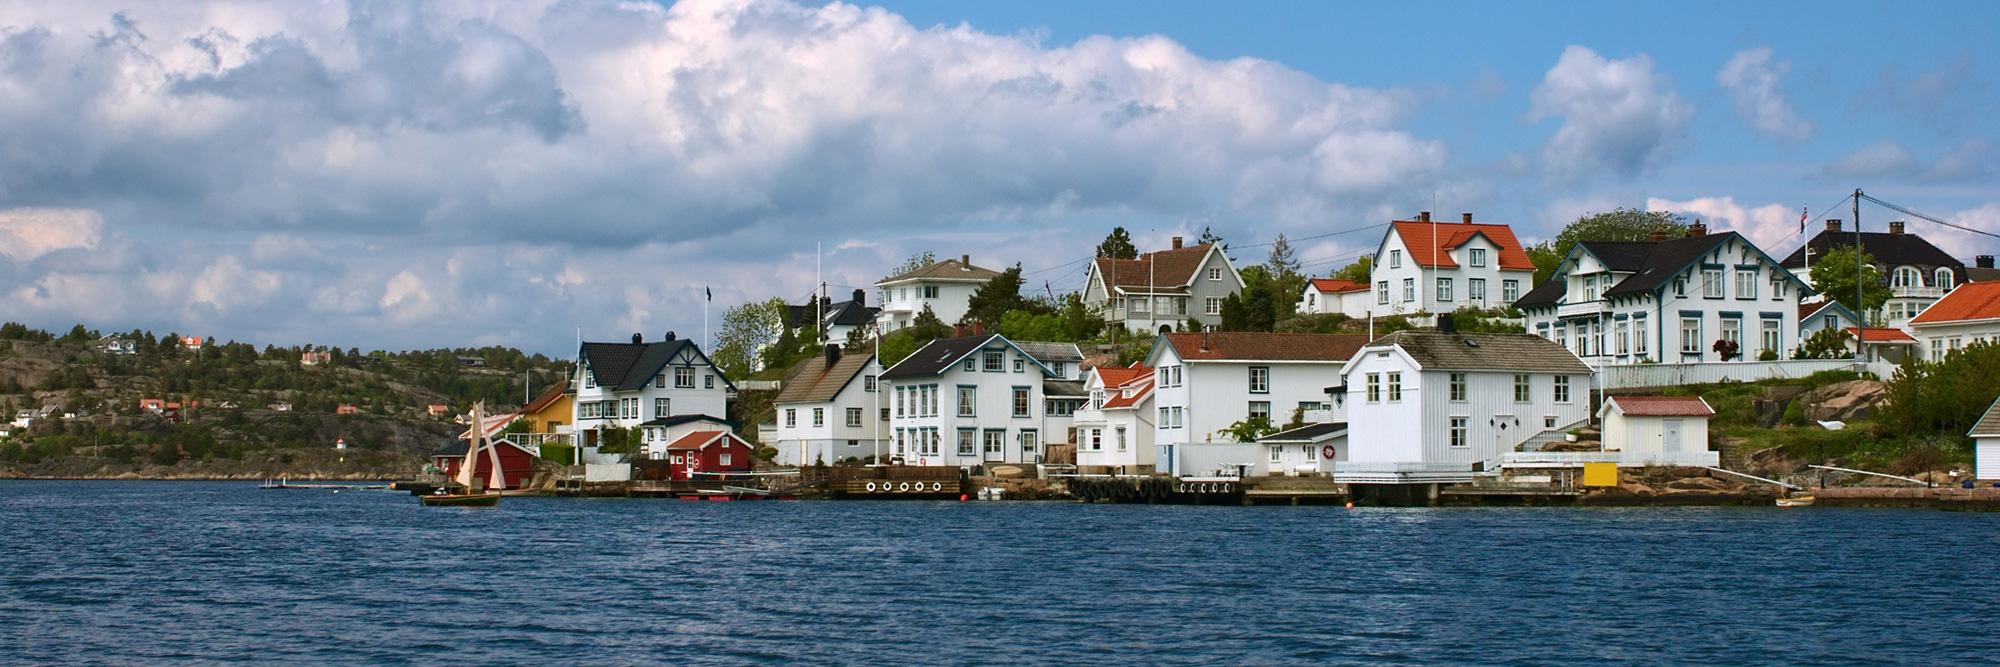 Hôtel Quality Hotel Florø - Florø